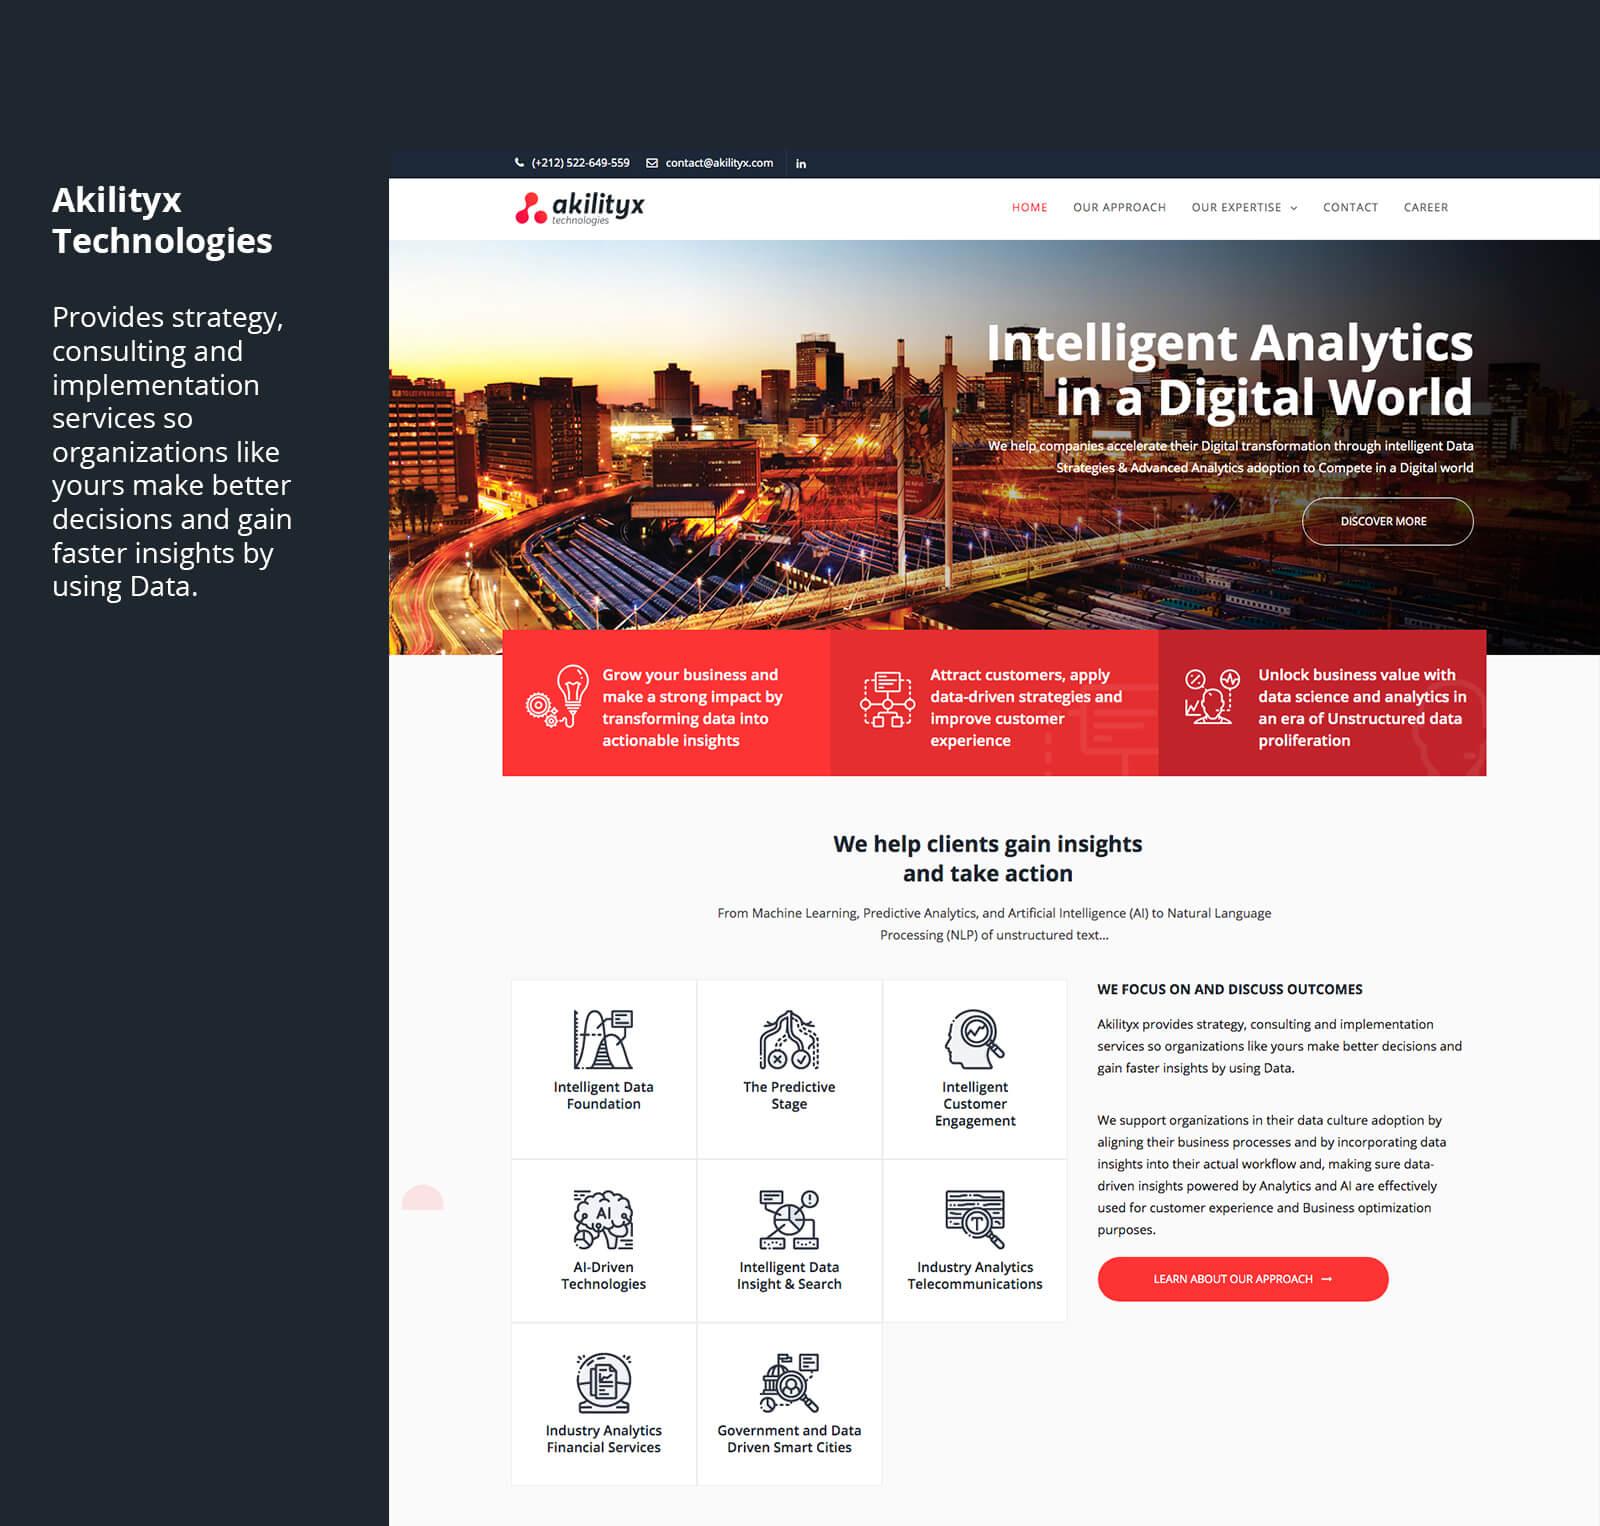 site web akilityx identité visuelle analytique Akilityx – Identité & Site web akili9